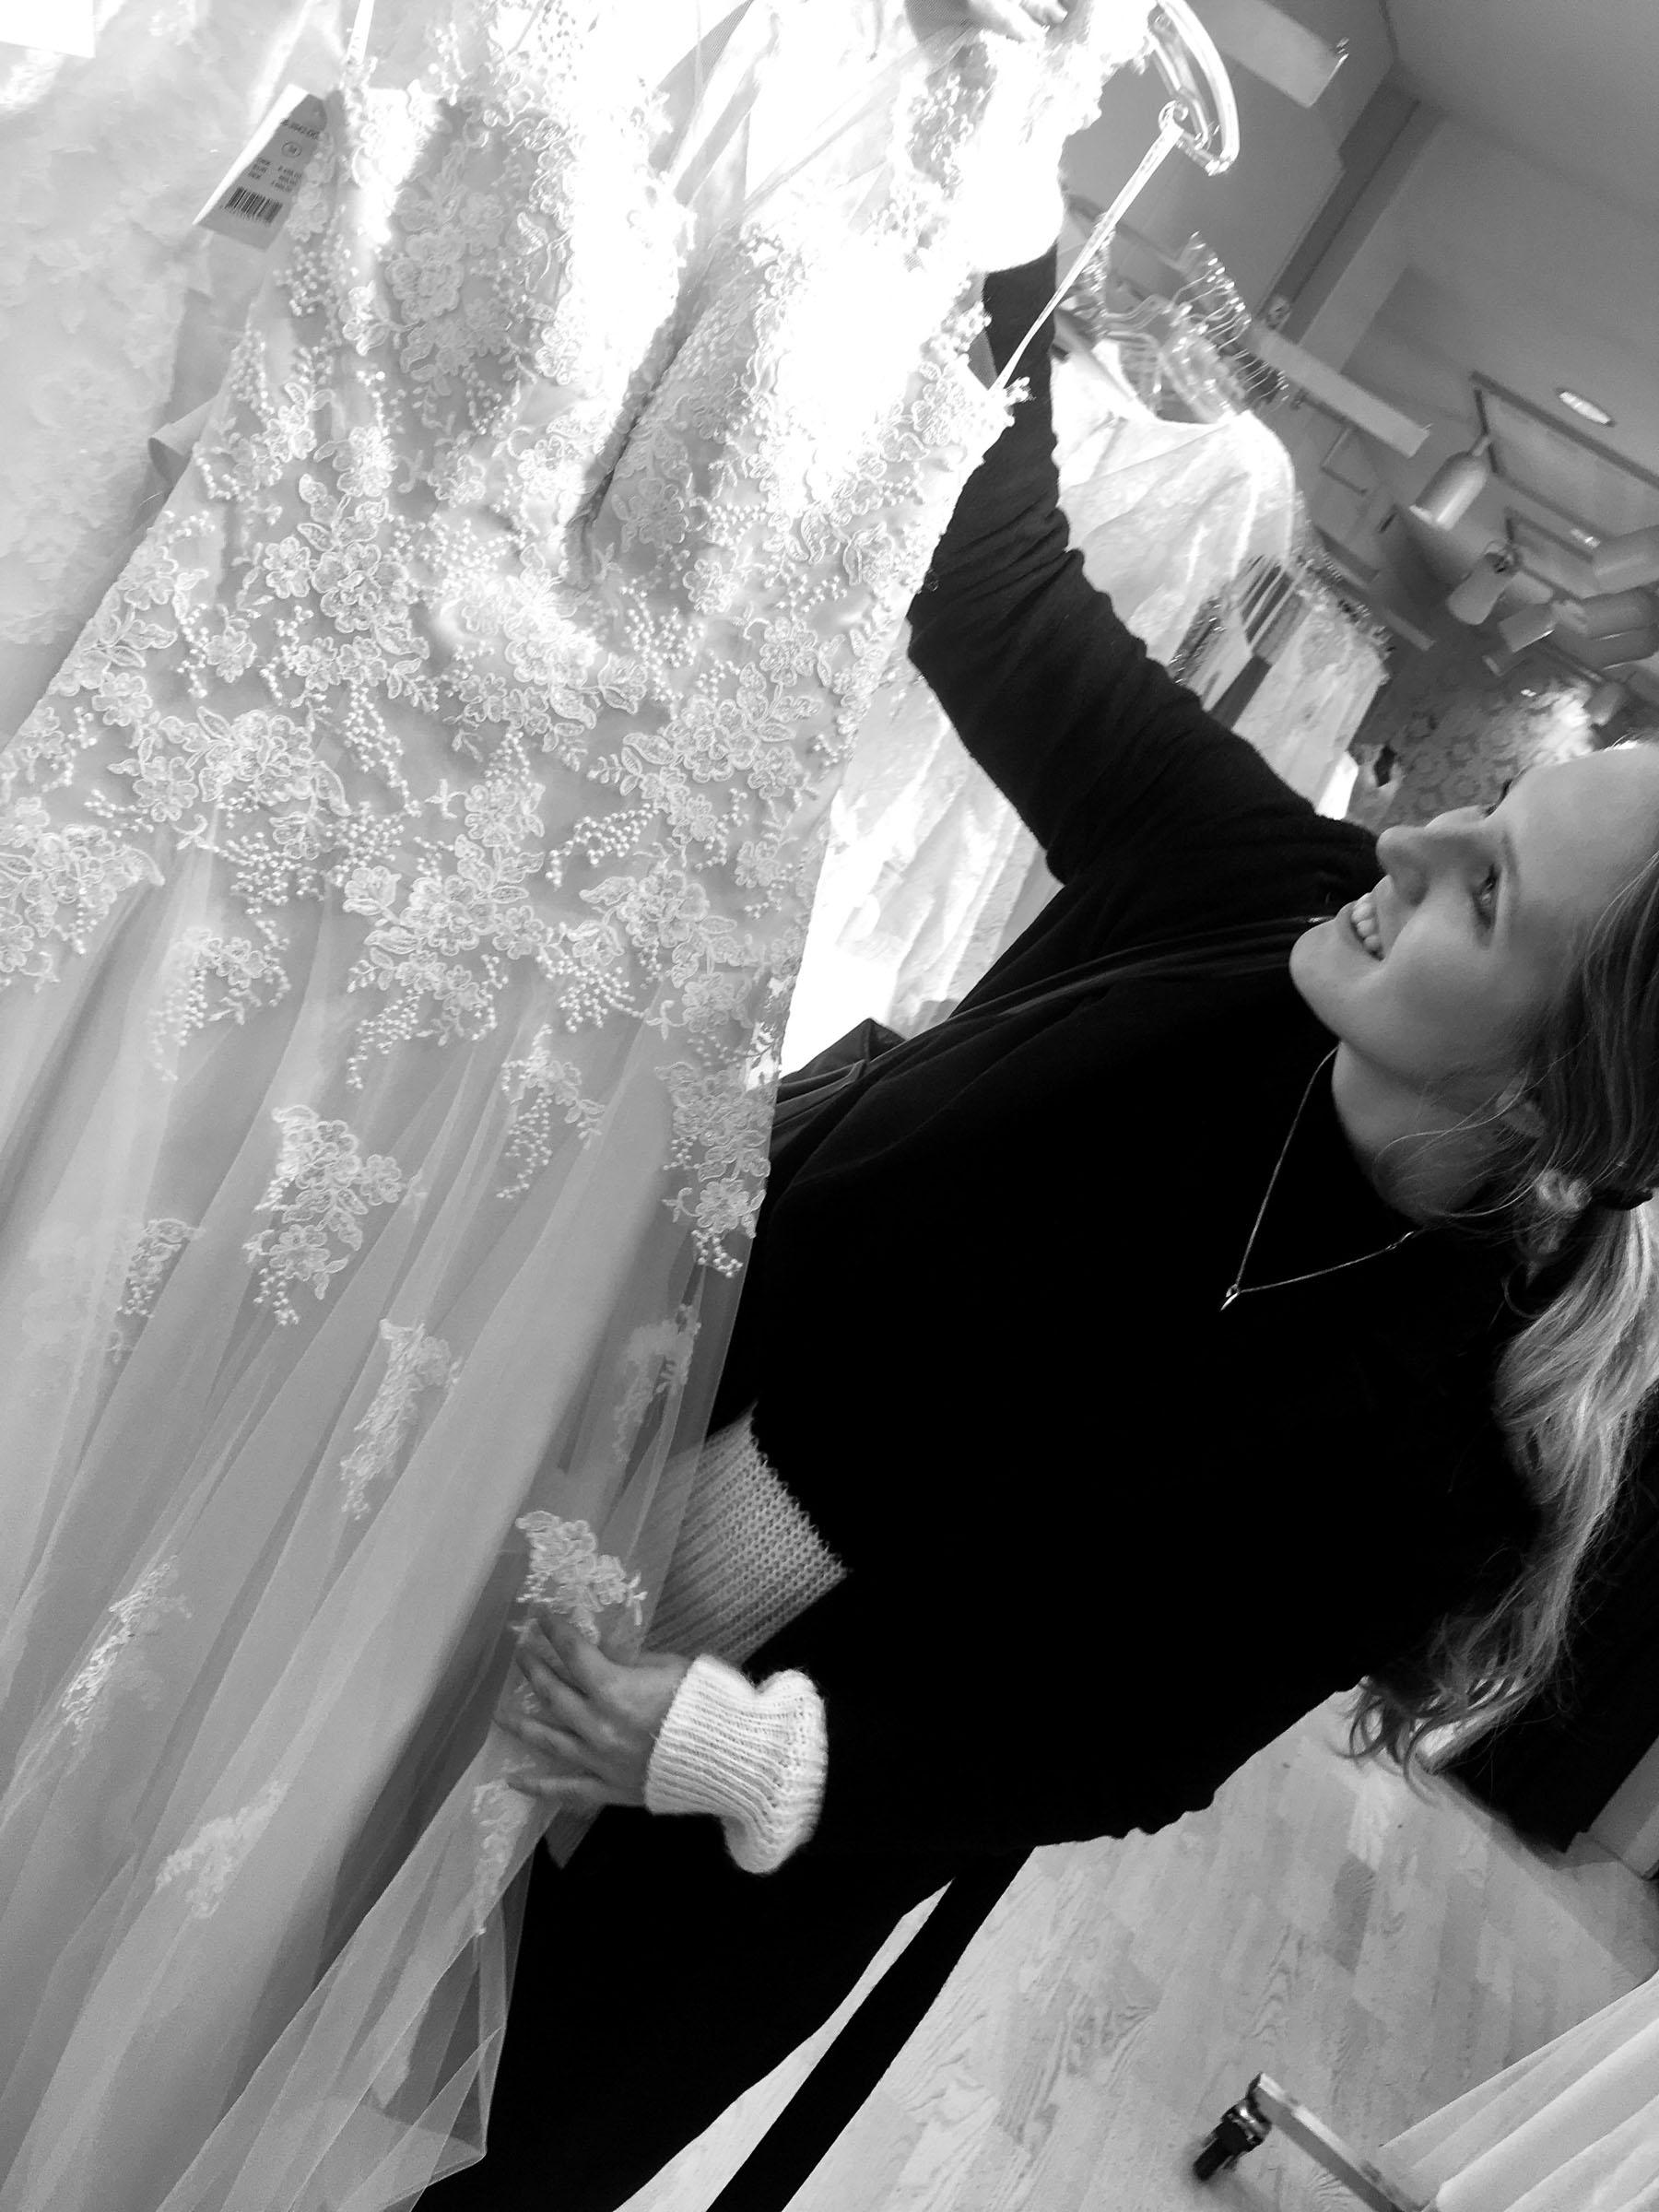 Brudekjoler: Her kombinerer de skrædderforretningen og second-hand konceptet i et